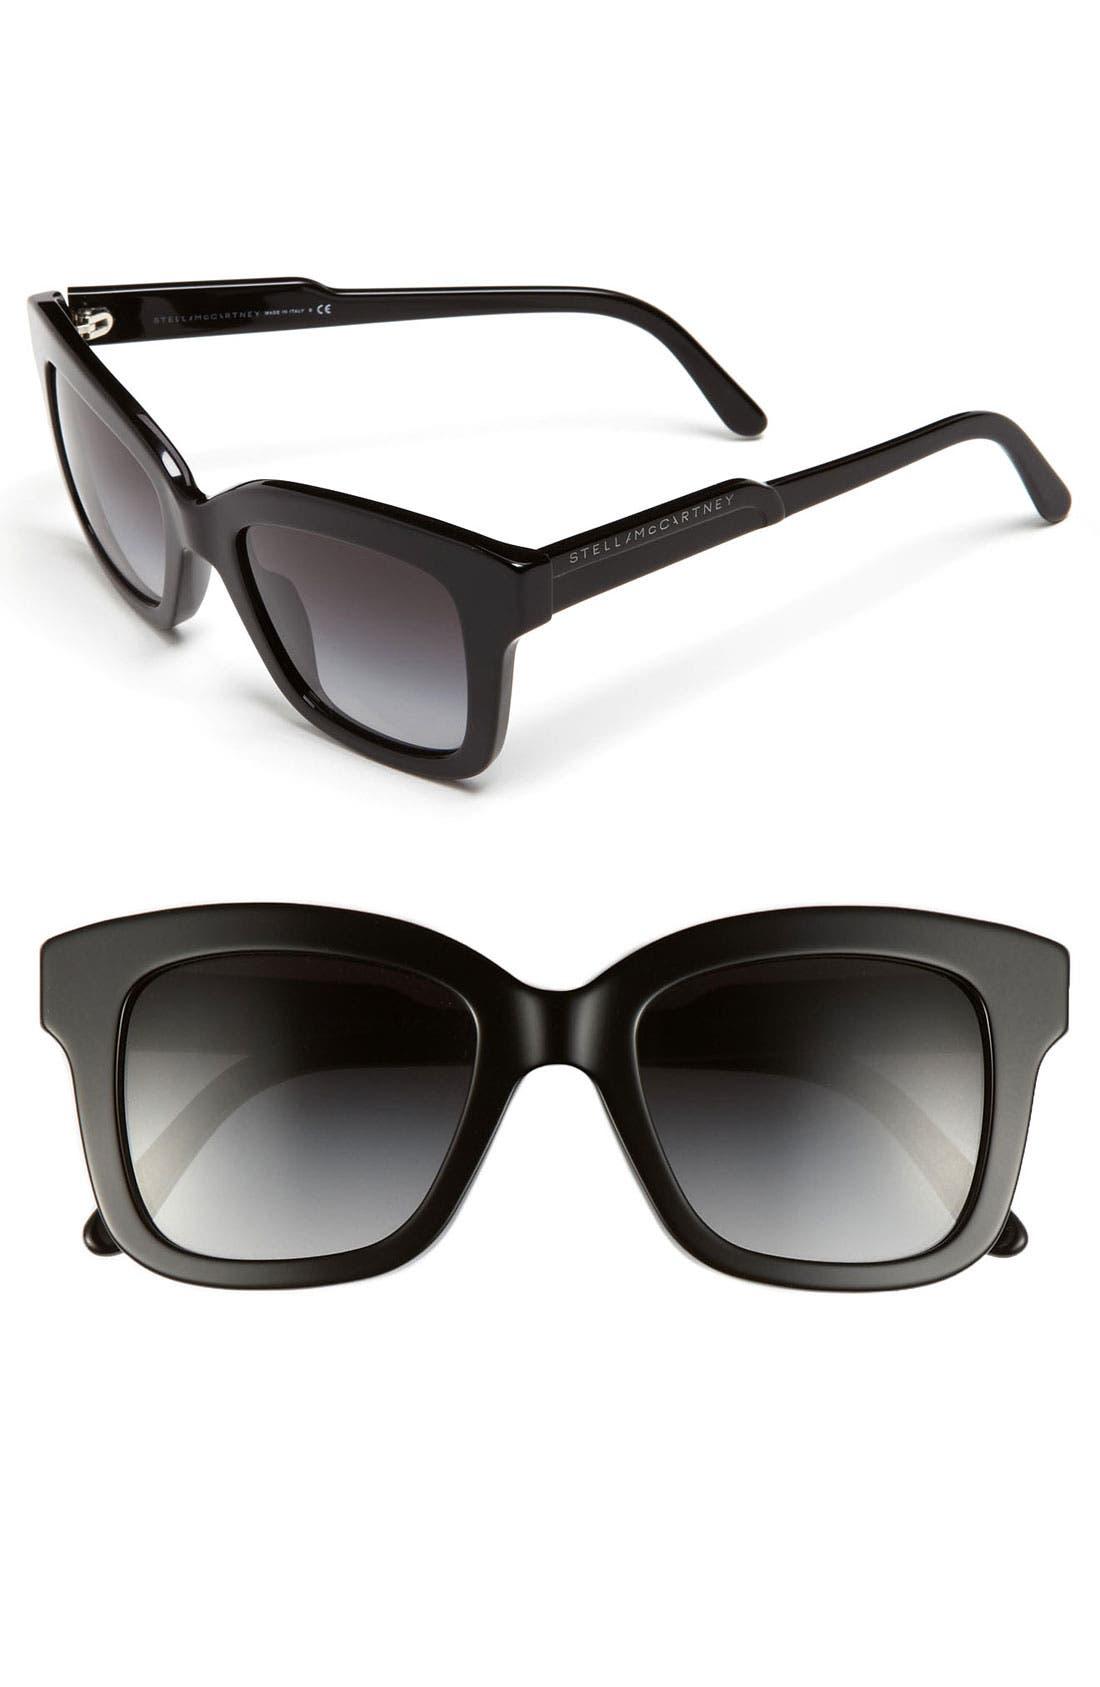 42mm Retro Sunglasses,                         Main,                         color, Black